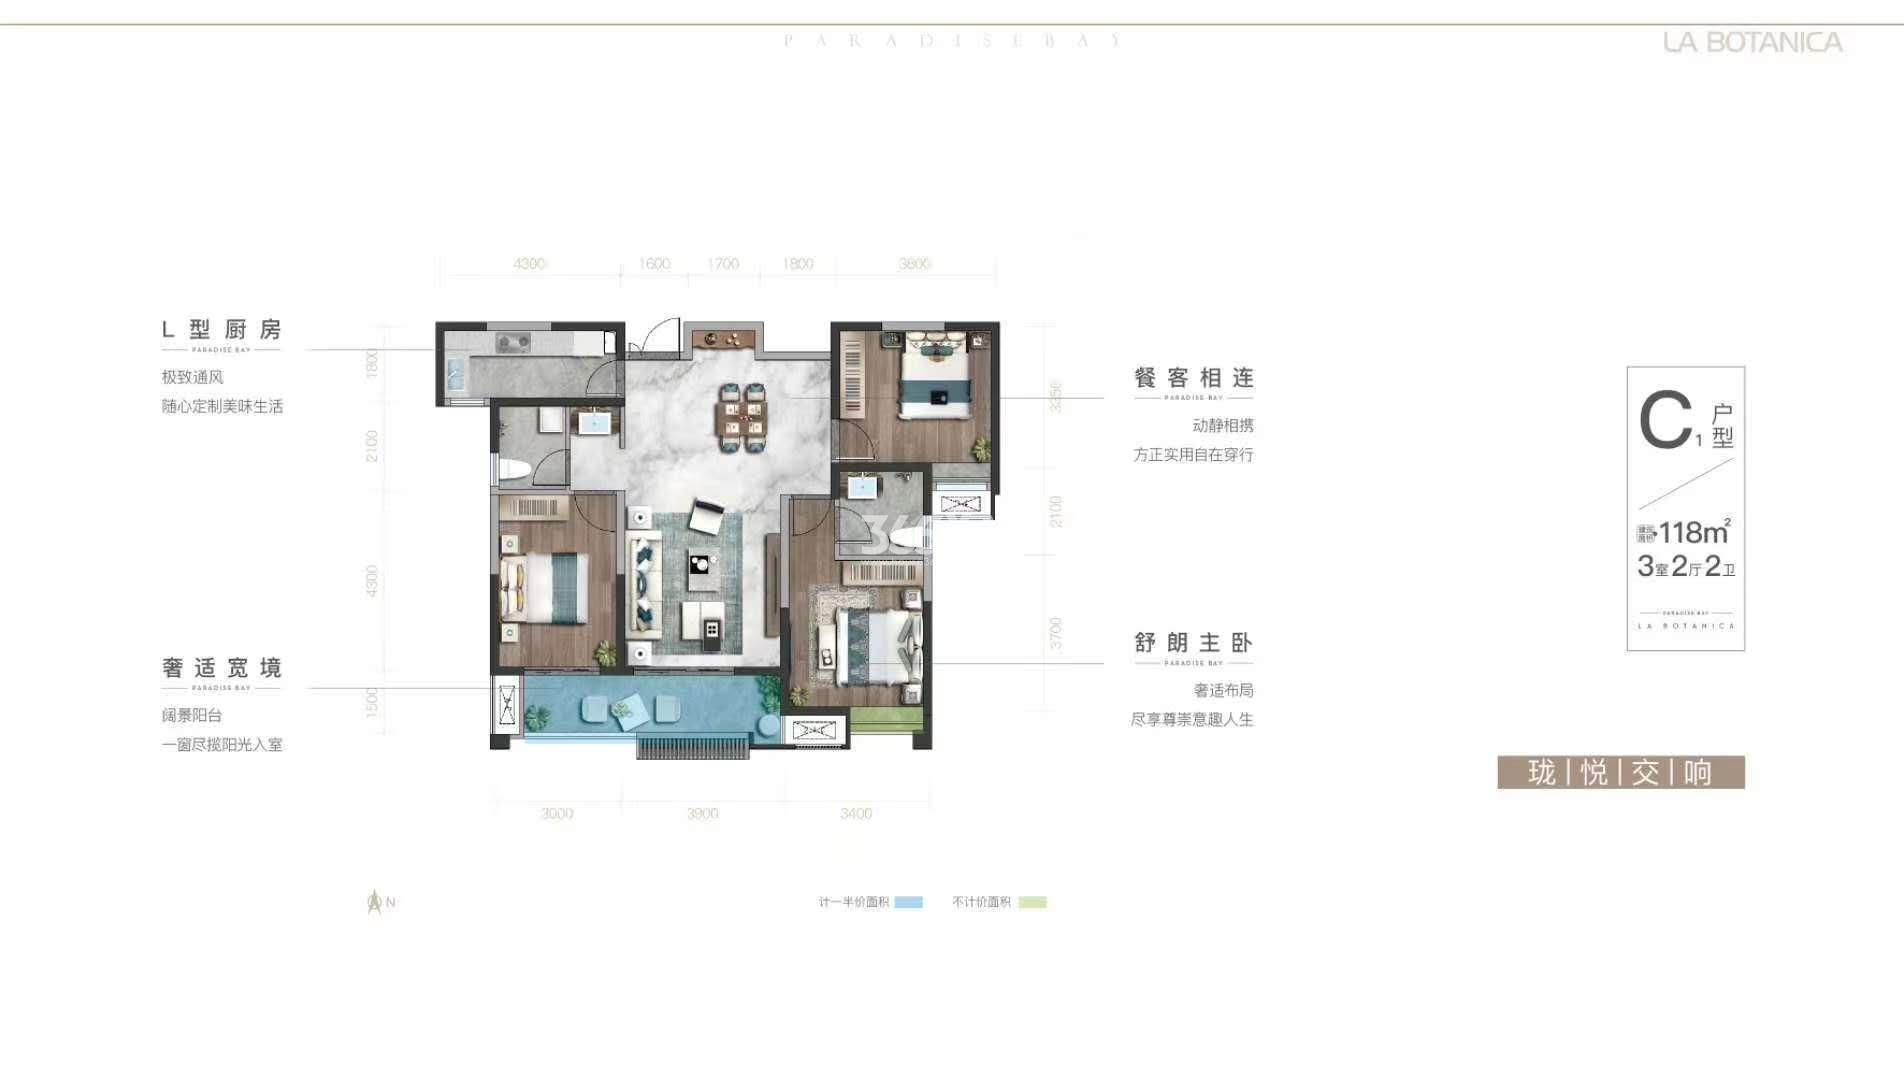 御锦城118㎡三室两厅两卫